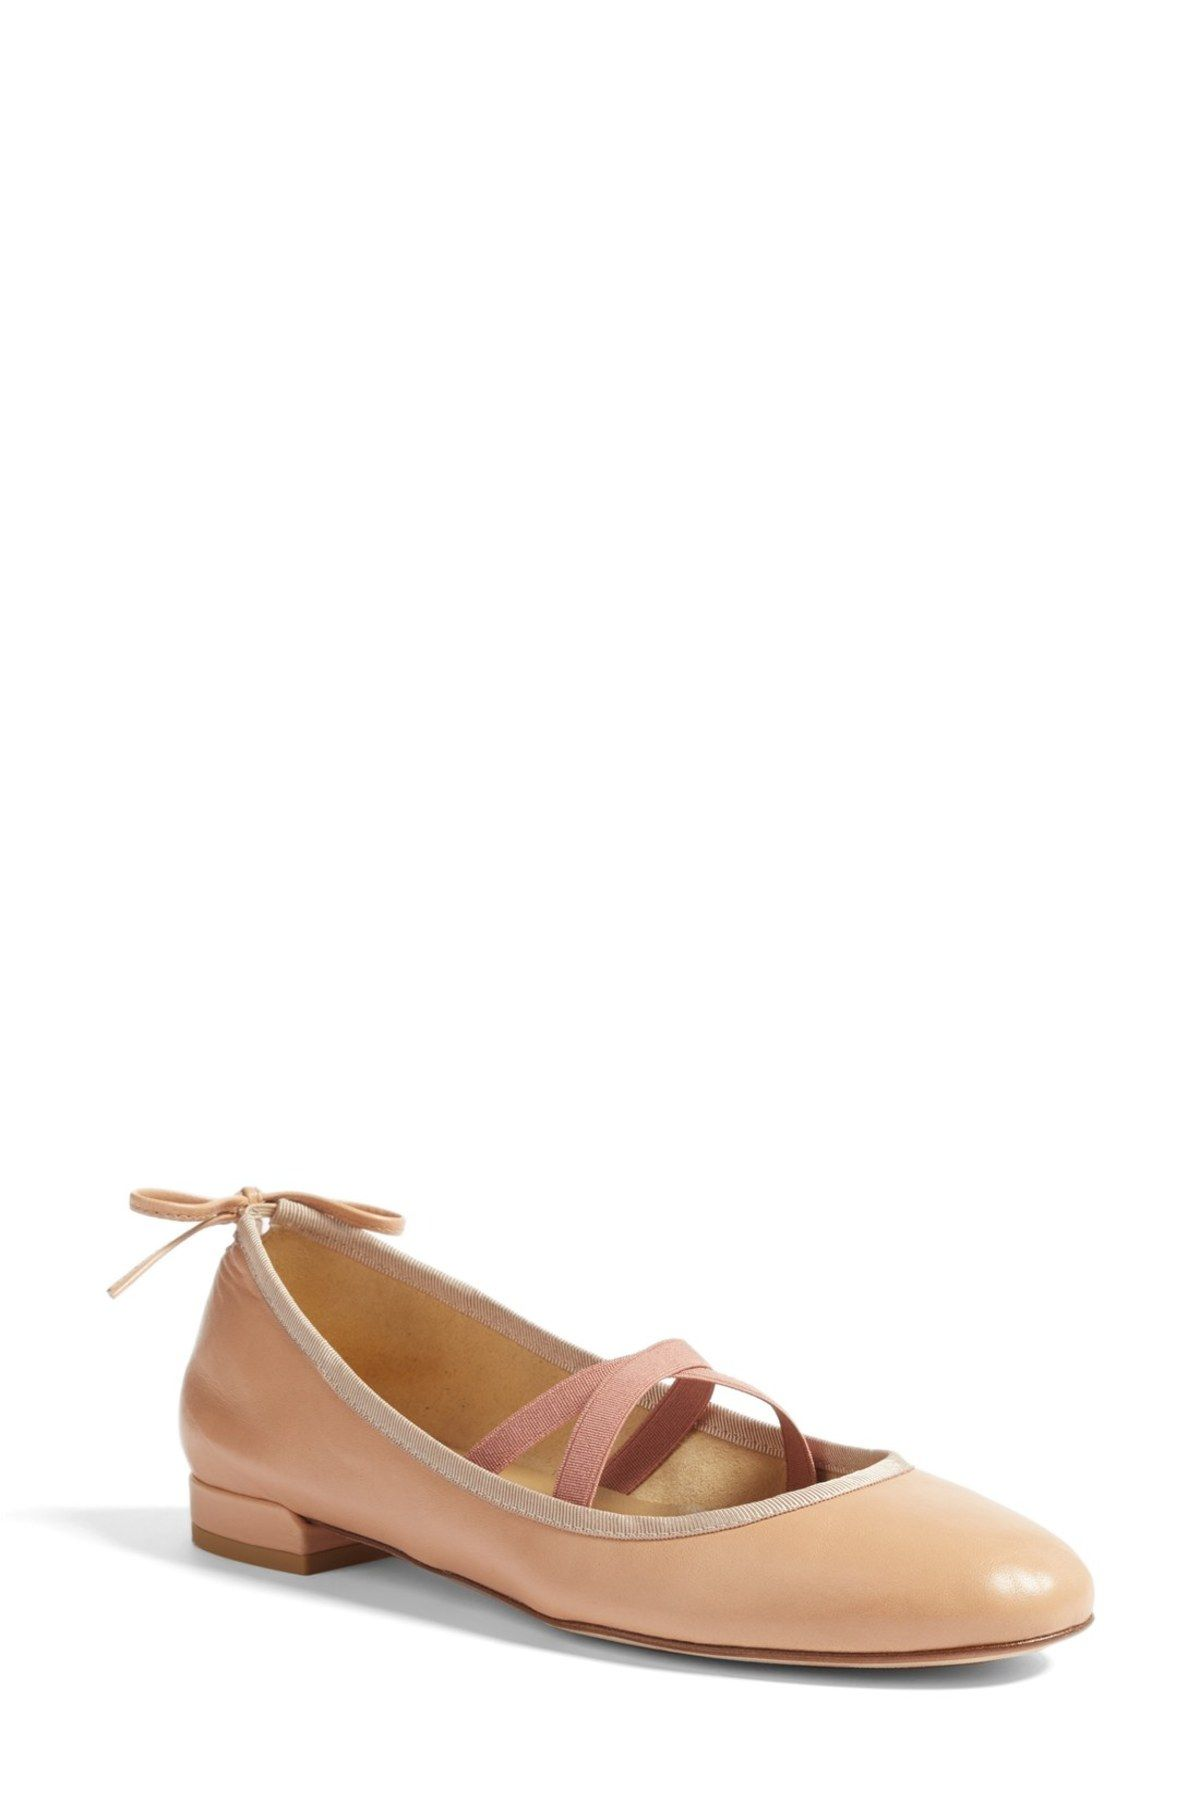 e1a48a0cec91 Bolshoi Ballet Flat (Women)